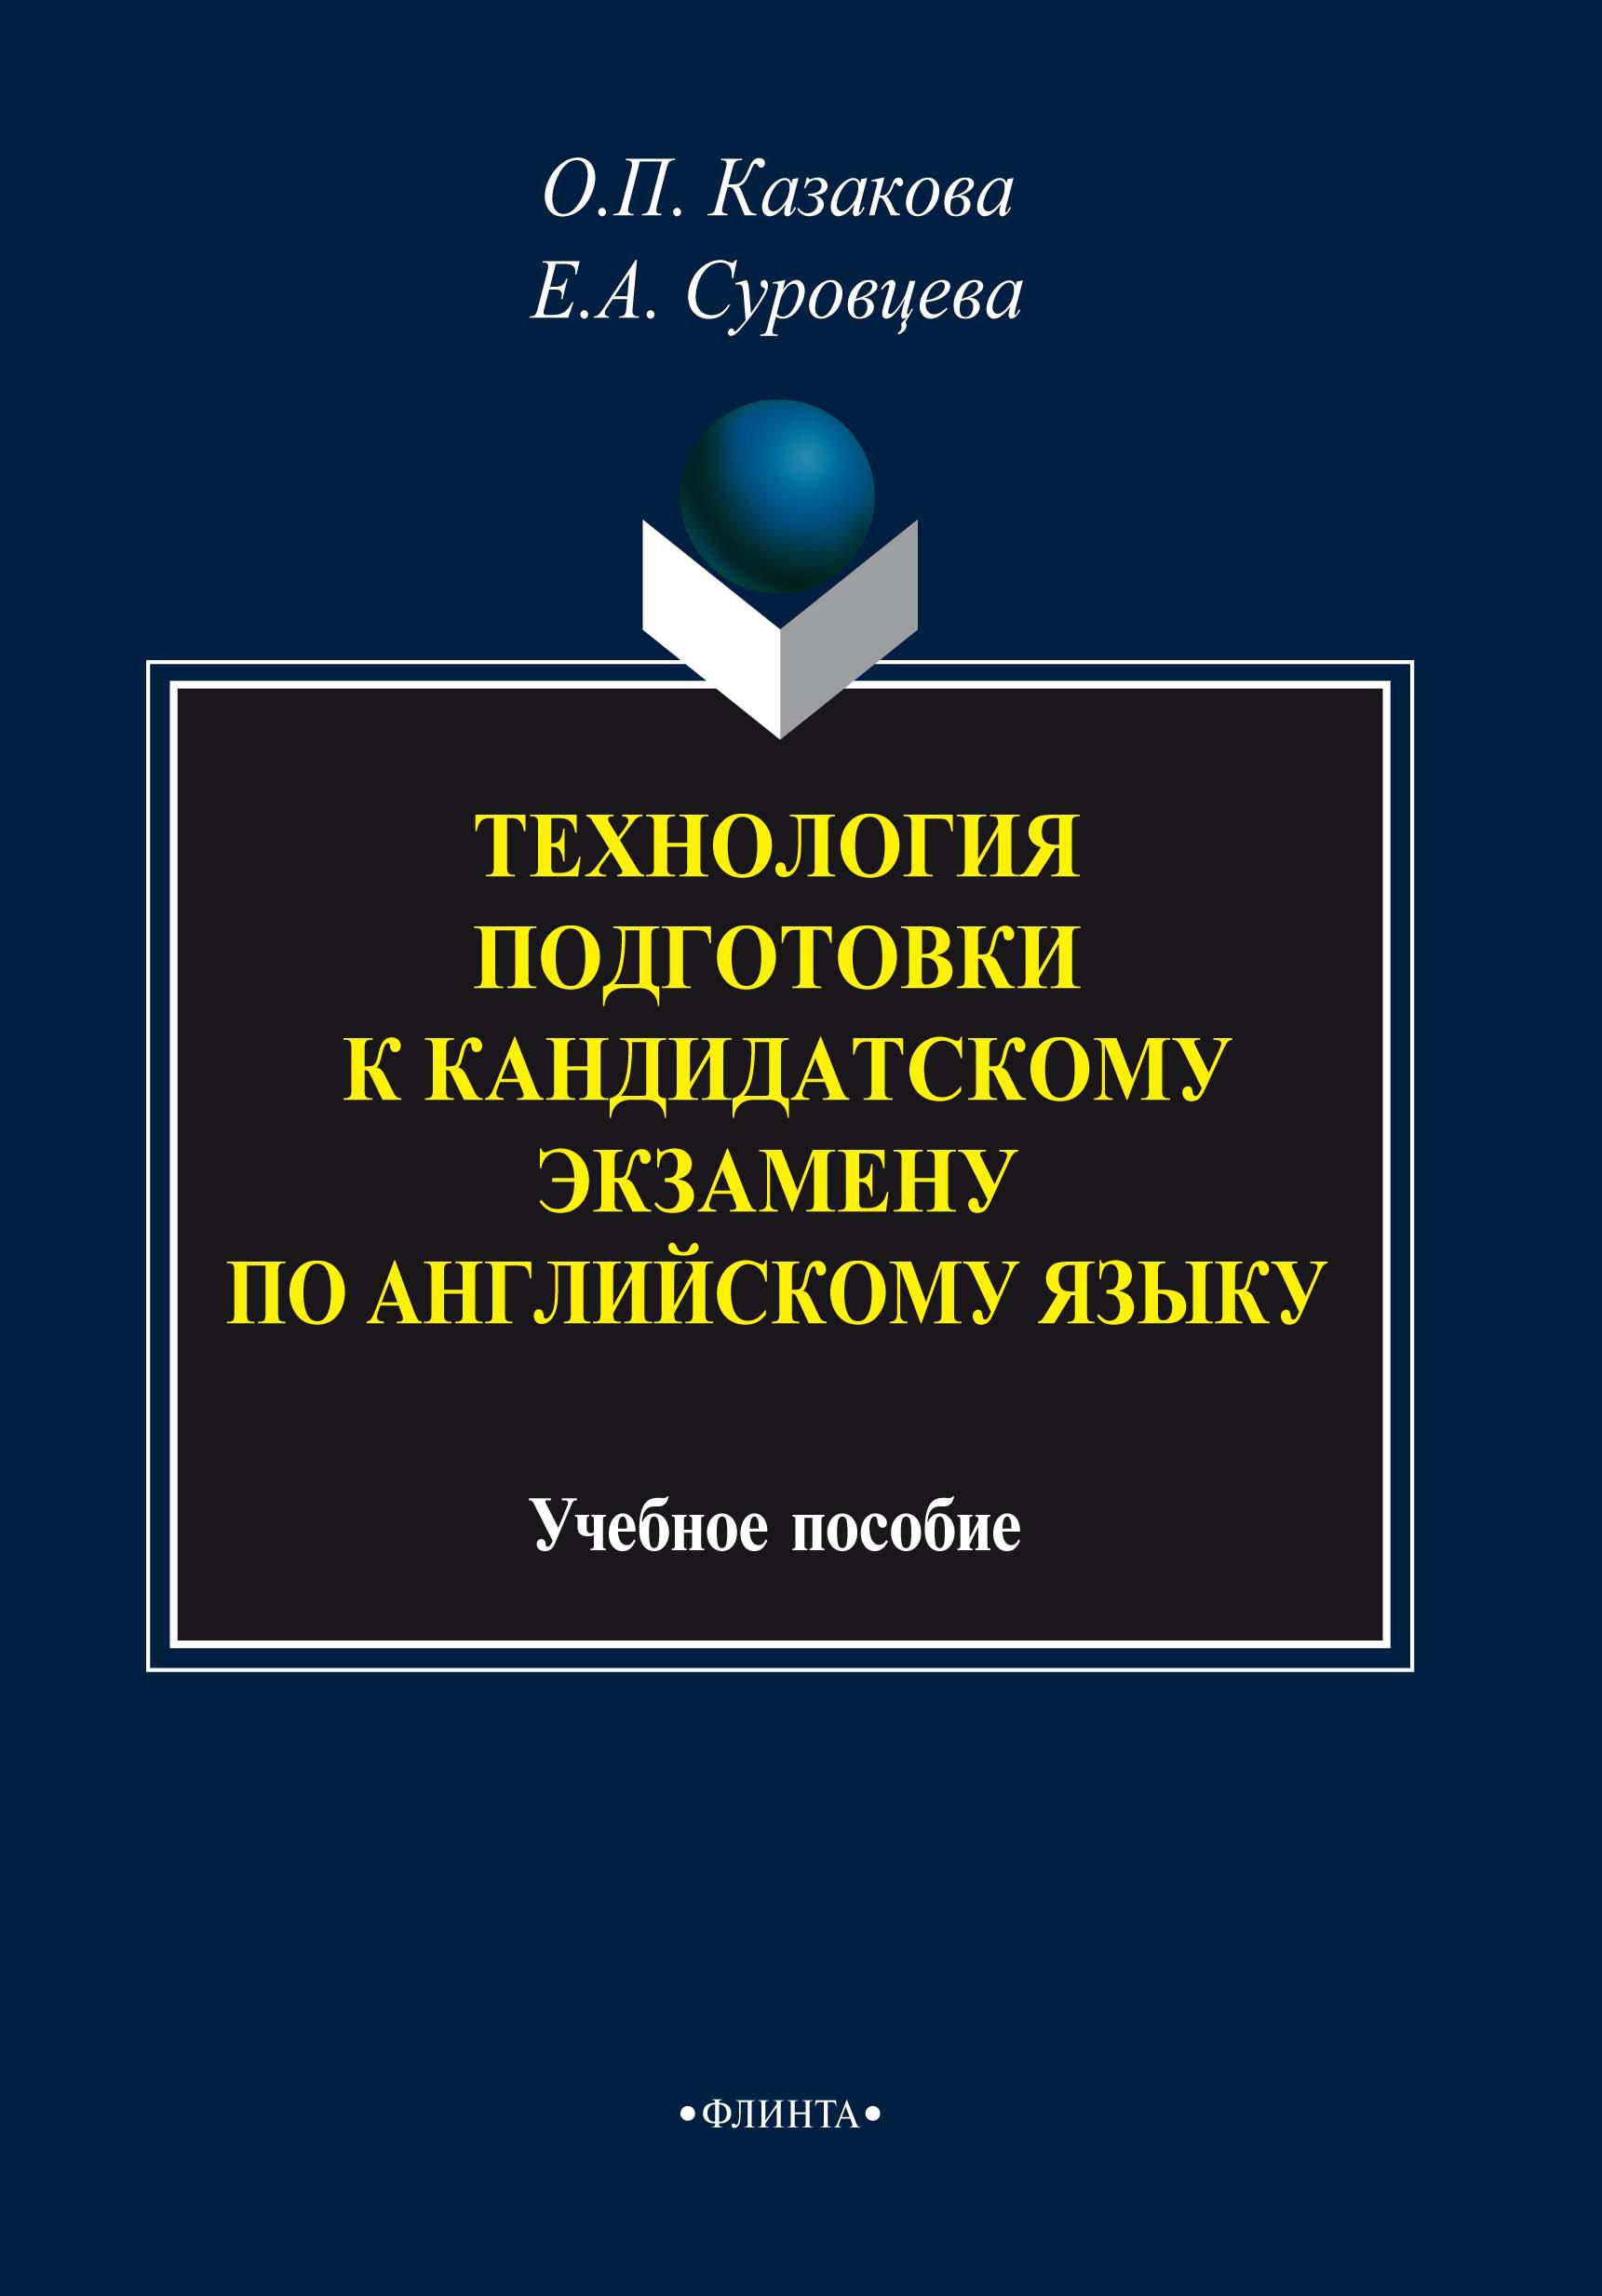 О. П. Казакова Технология подготовки к кандидатскому экзамену по английскому языку митаенко анна основные темы по немецкому языку 80 тем для подготовки к экзамену